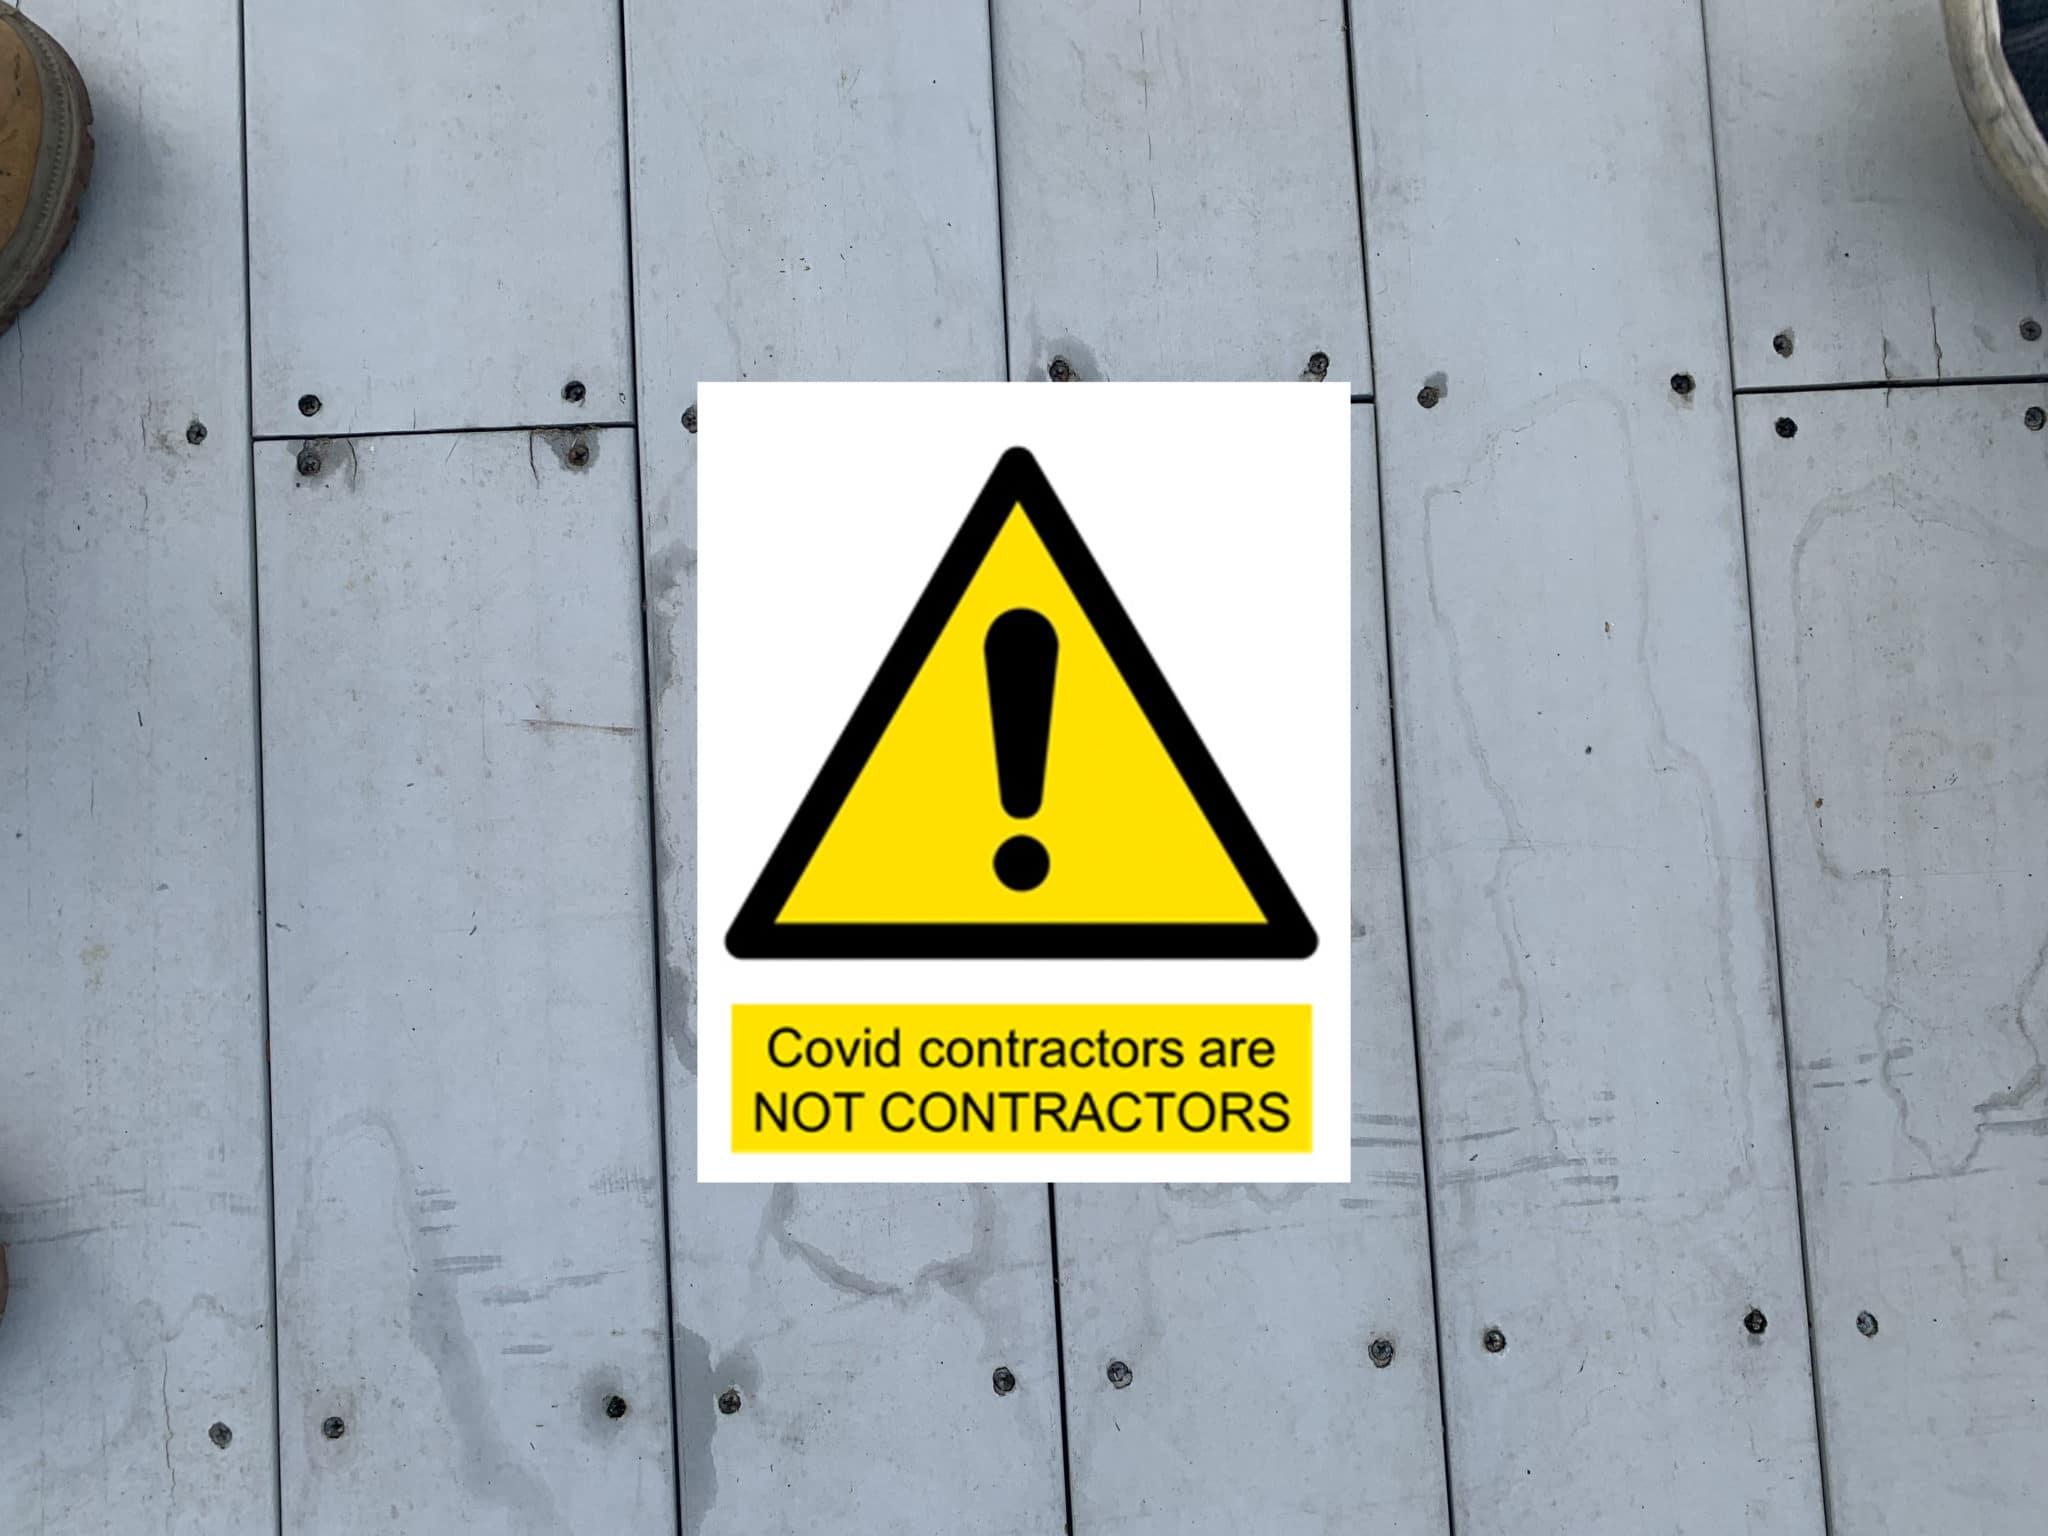 covid contractors are not contractors